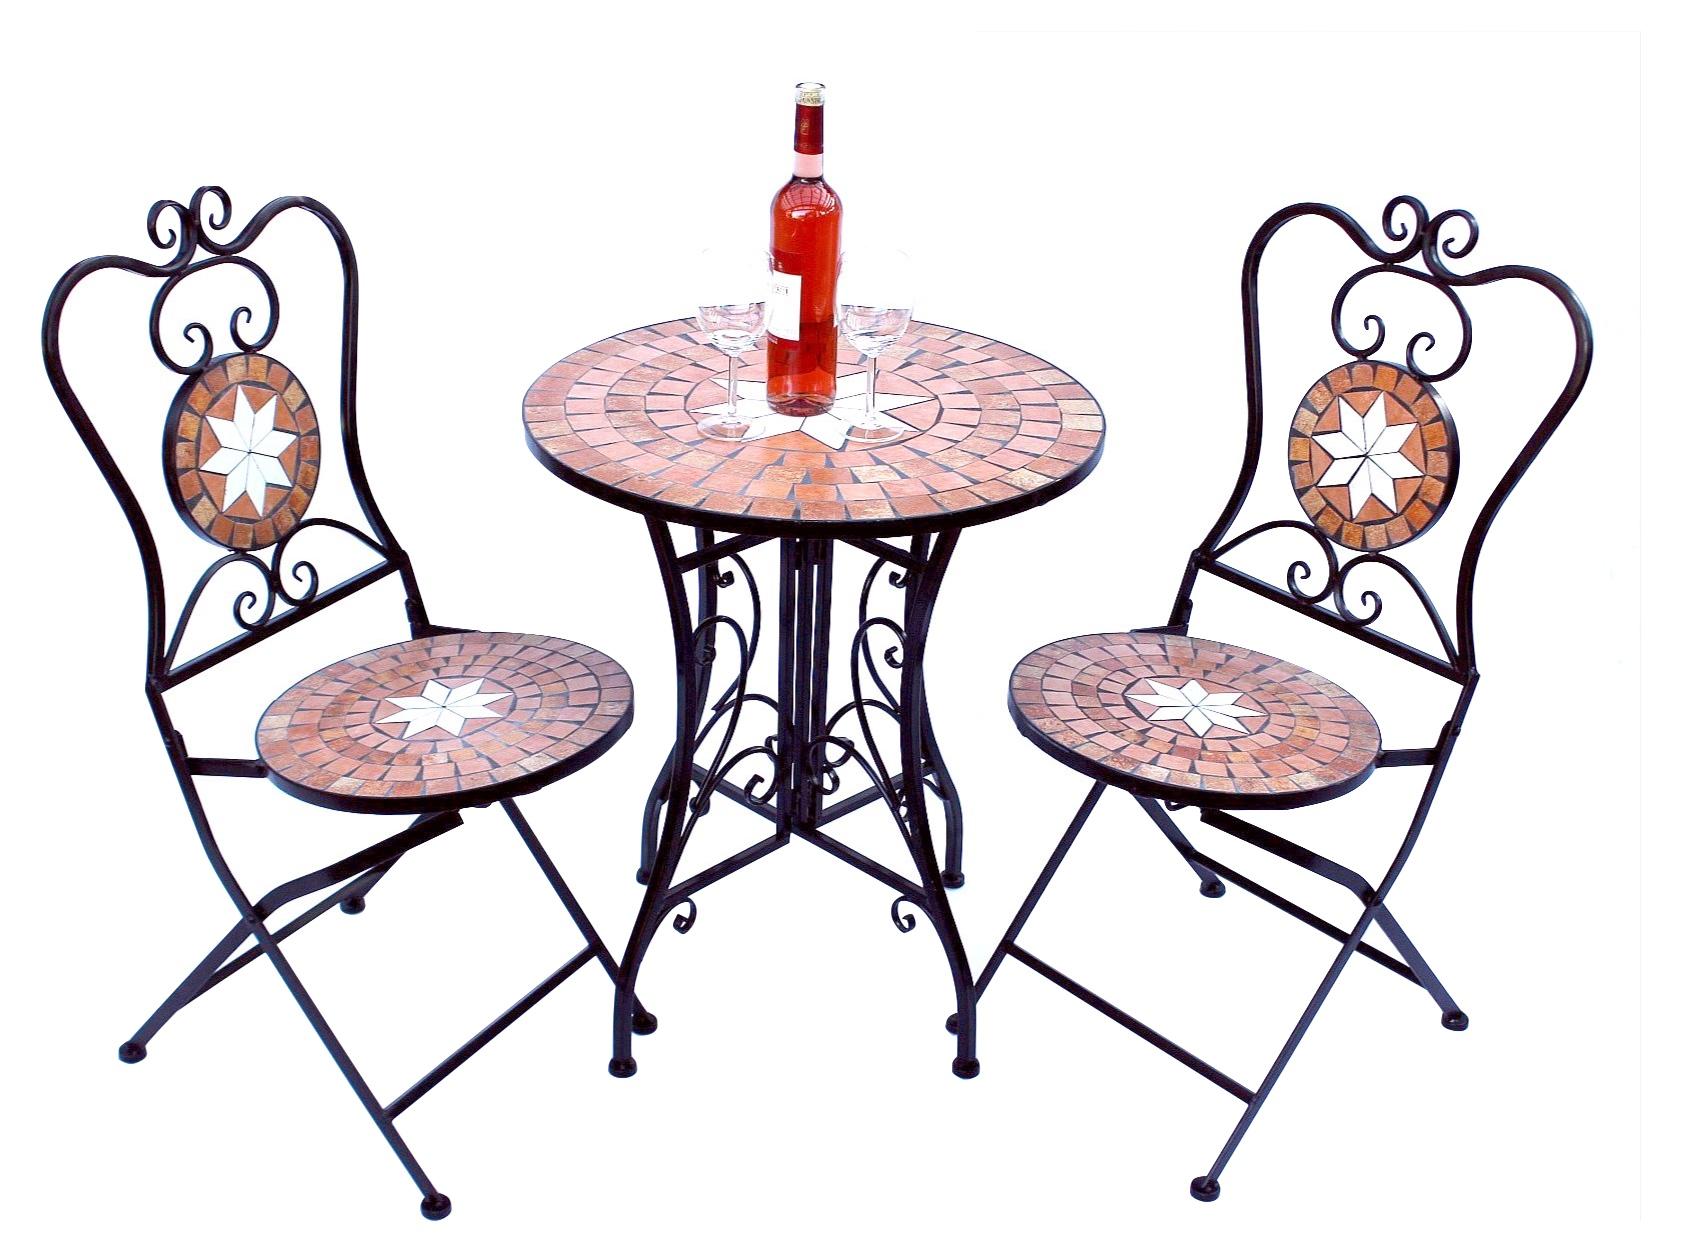 sitzgruppe merano 12001 2 gartentisch 2 stk gartenstuhl aus metall mosaik 4019115120271 ebay. Black Bedroom Furniture Sets. Home Design Ideas